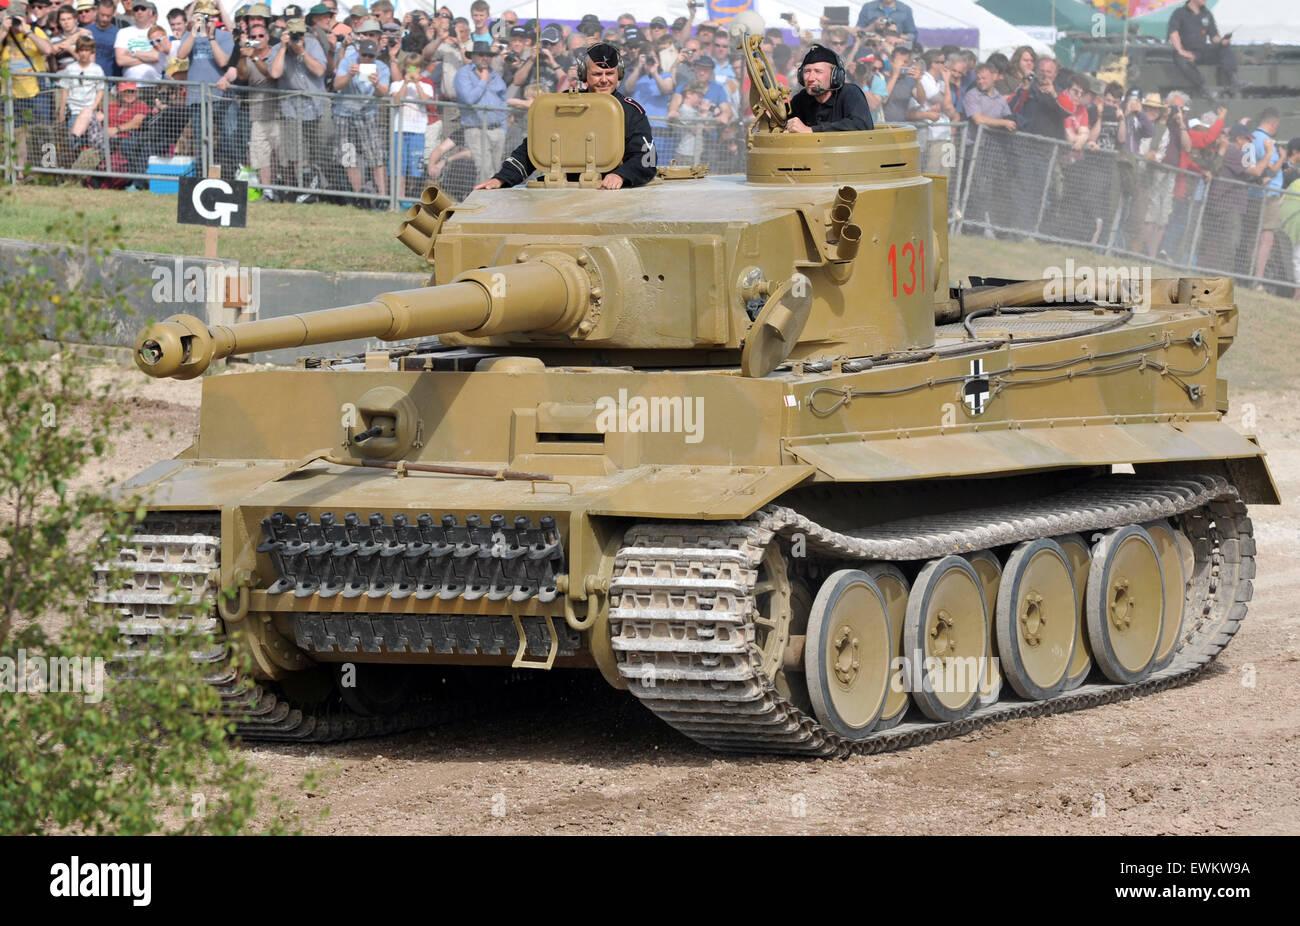 die einzige arbeits und komplett original deutschen tiger panzer der welt tank fest im. Black Bedroom Furniture Sets. Home Design Ideas